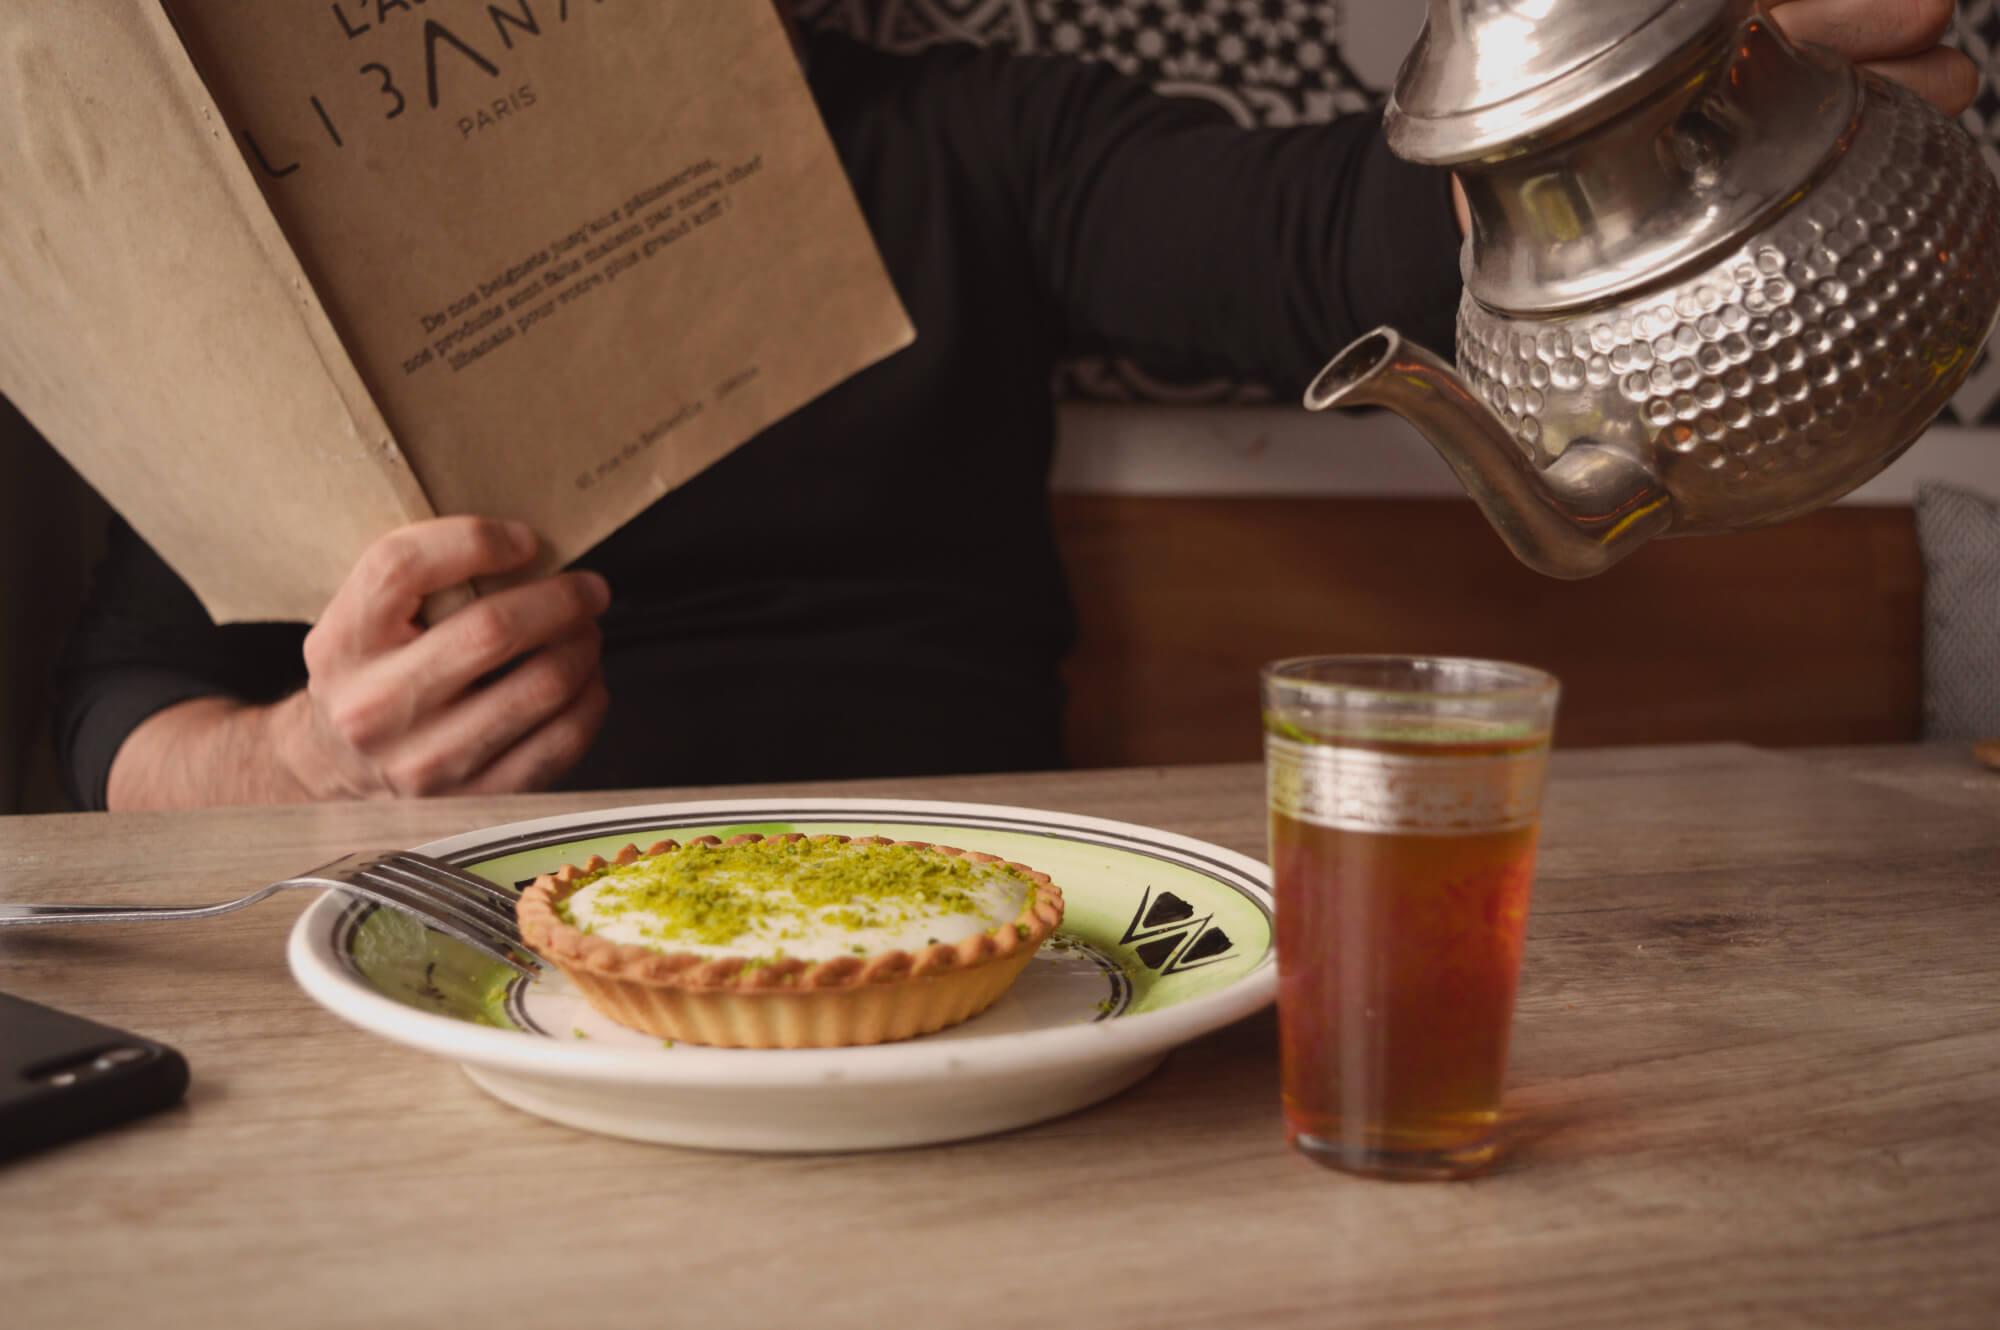 Cuisine libanaise à l'honneur